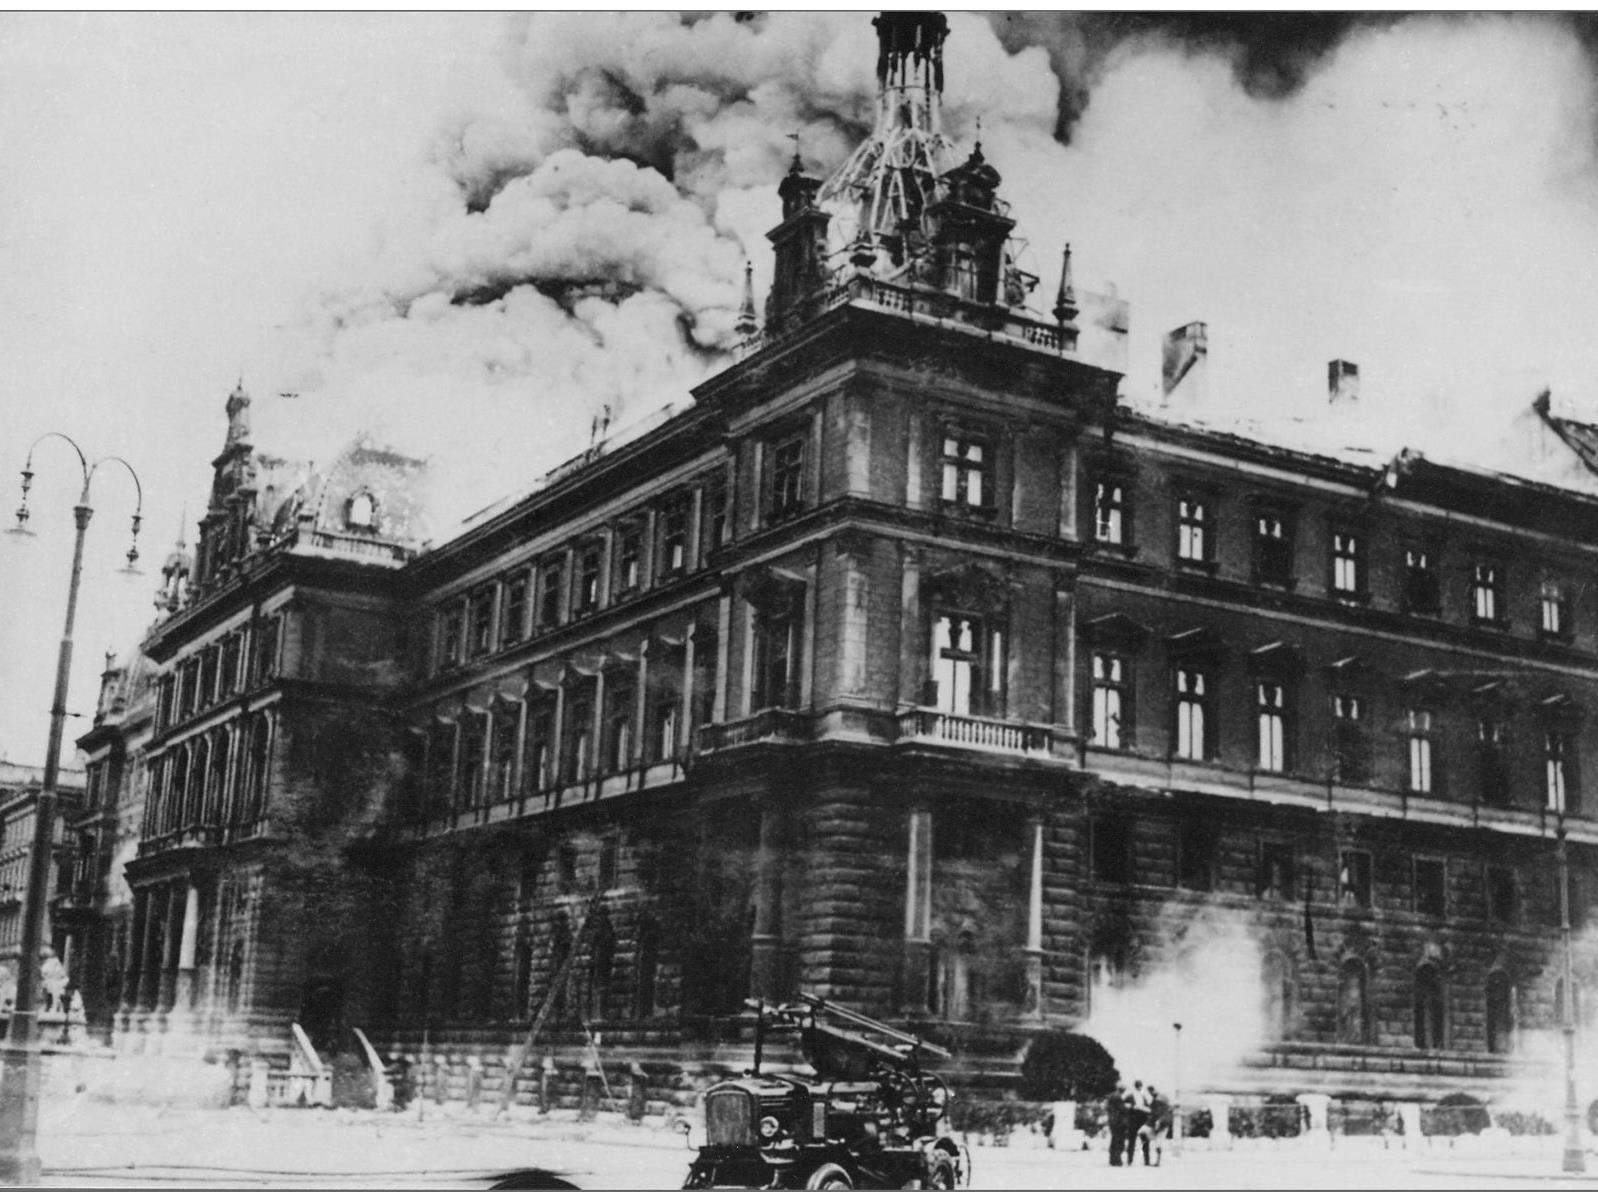 Am 15. Juli 1927 legten Arbeiter ein Feuer im Wiener Justizpalast.